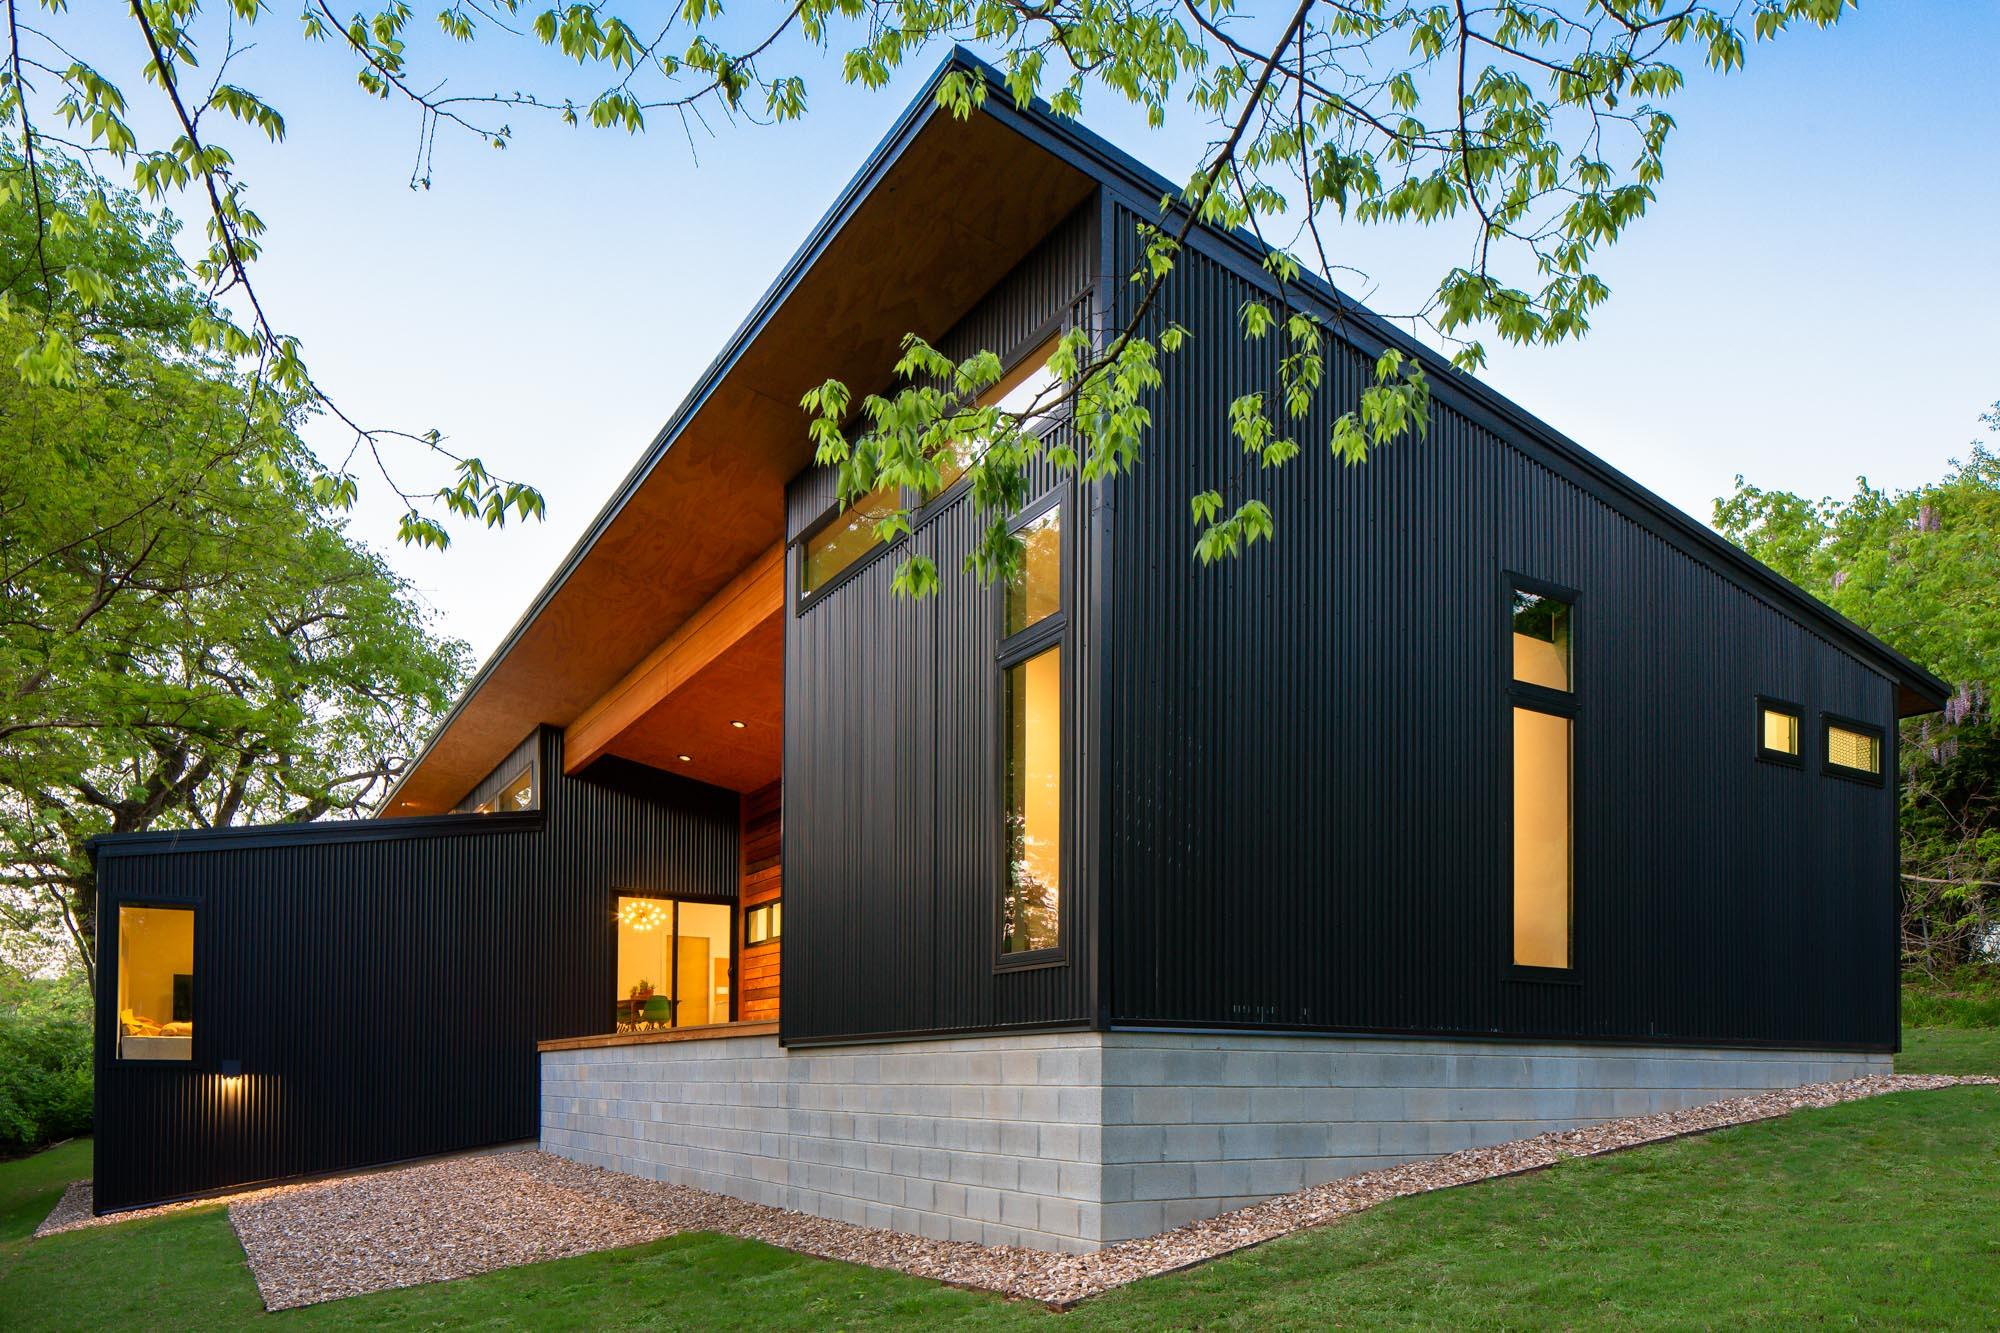 Skiles Architect